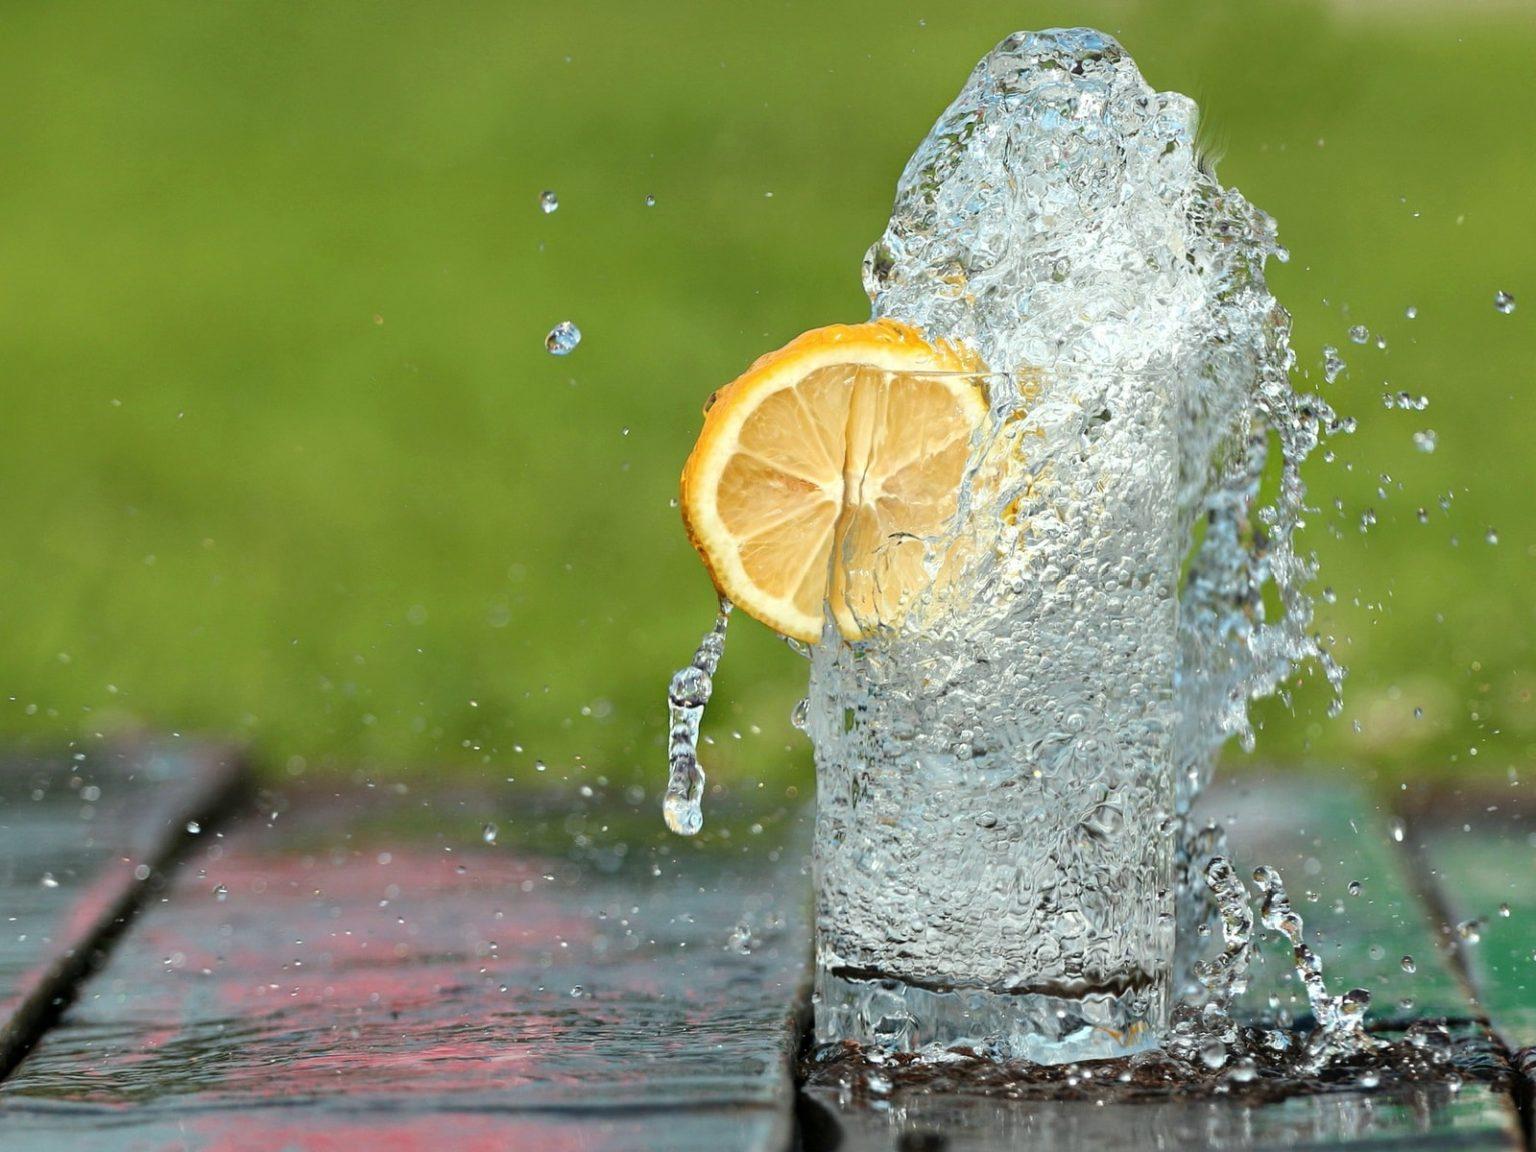 потребление воды улучшает метаболизм